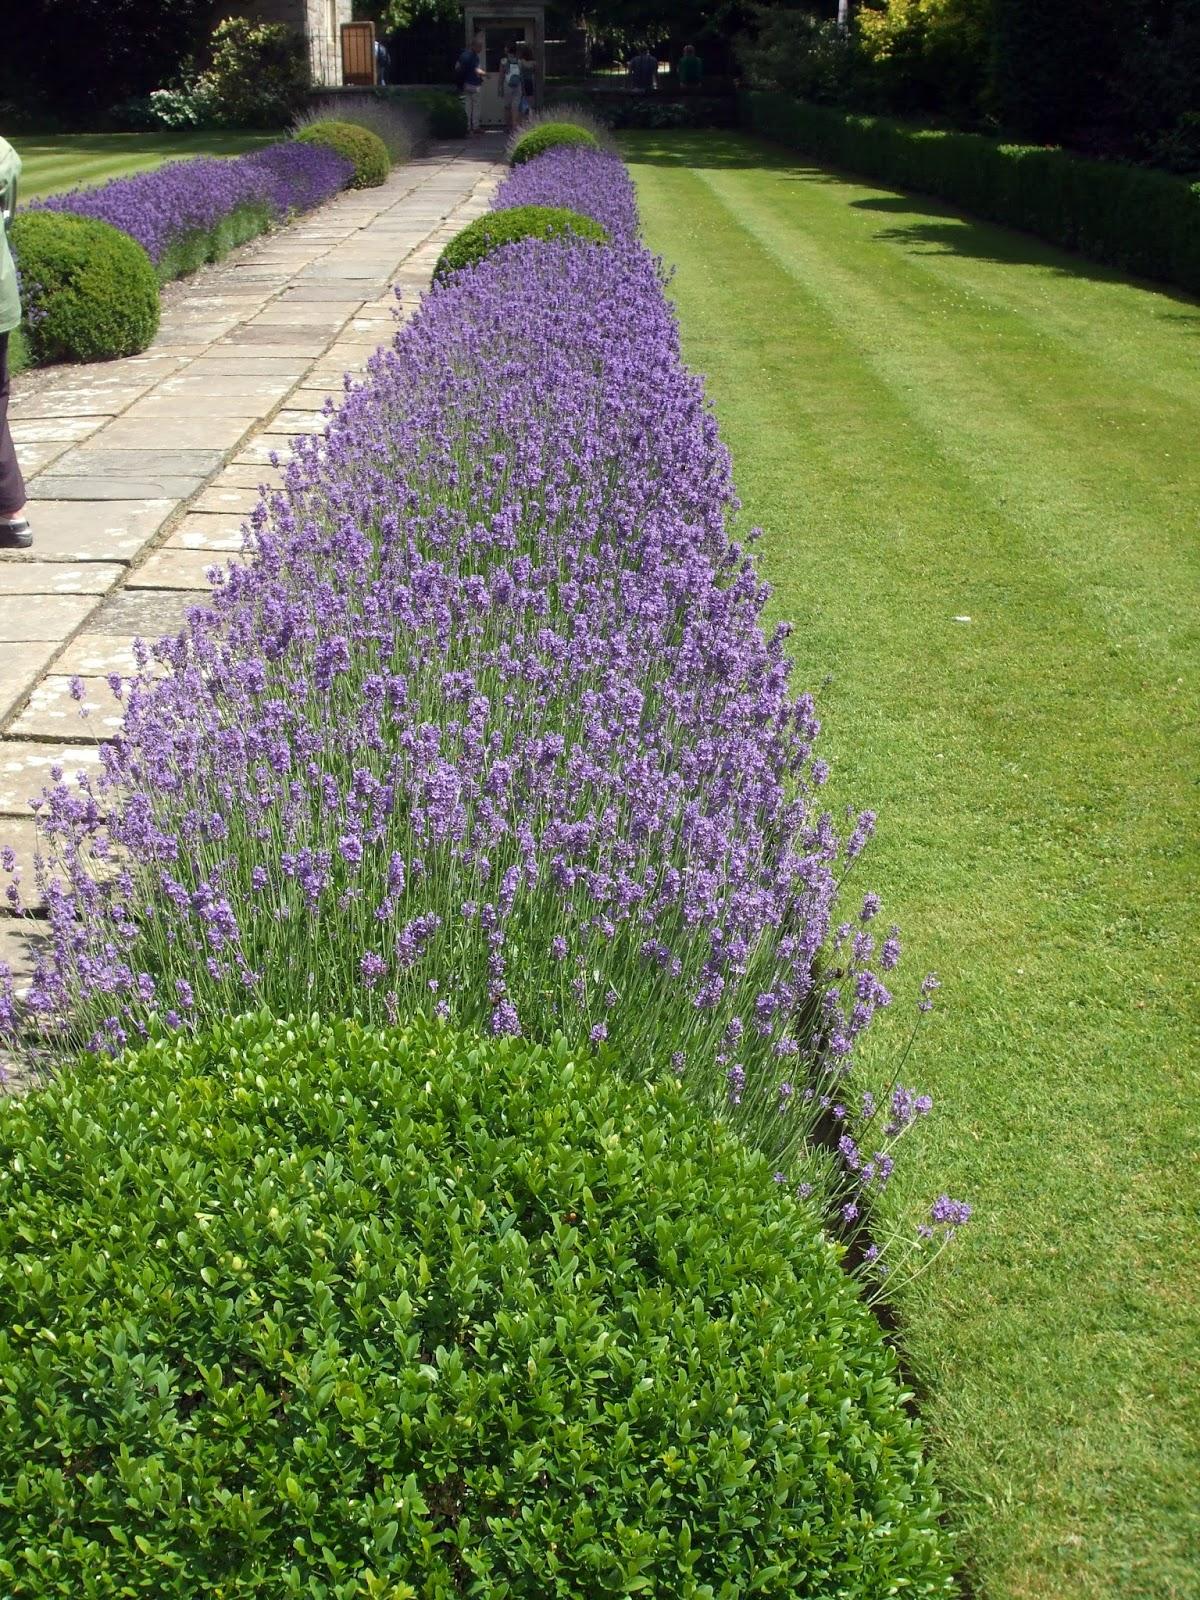 Rosemary S Sampler English Lavender